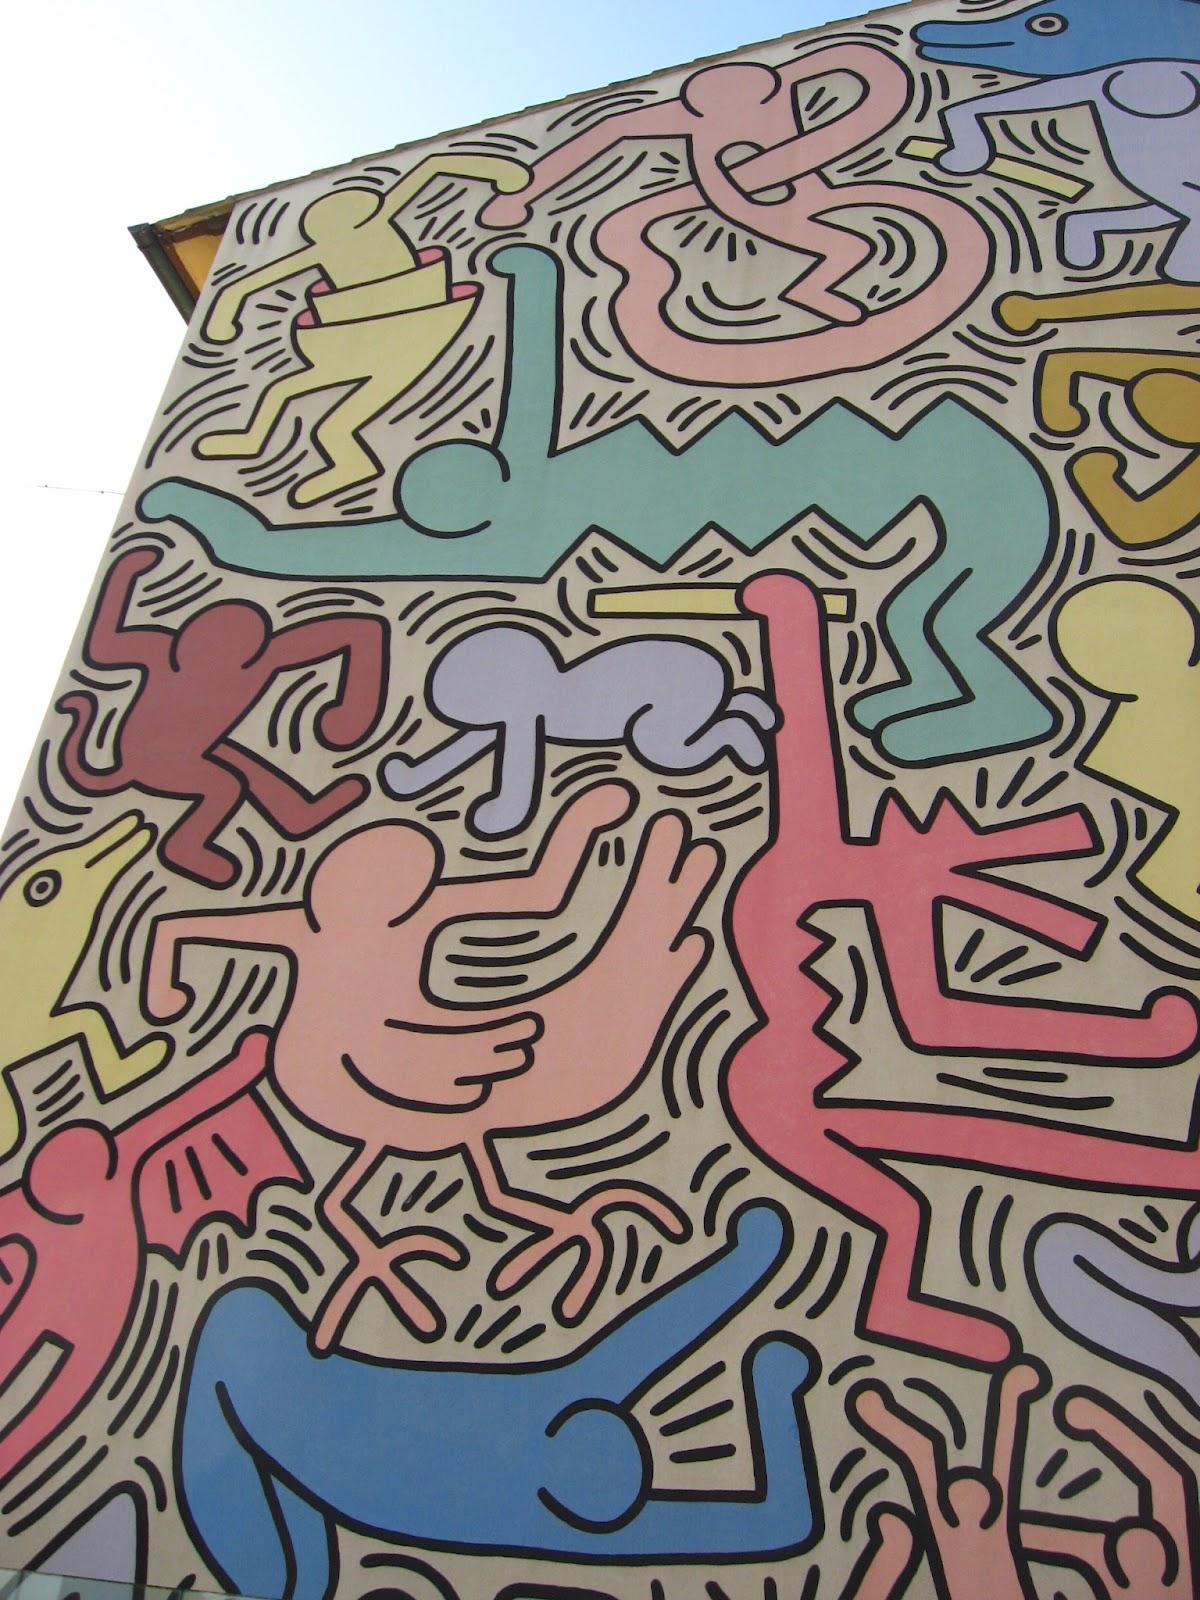 keith haring mural in sant antonio italia jpg 1200 215 1600 murals